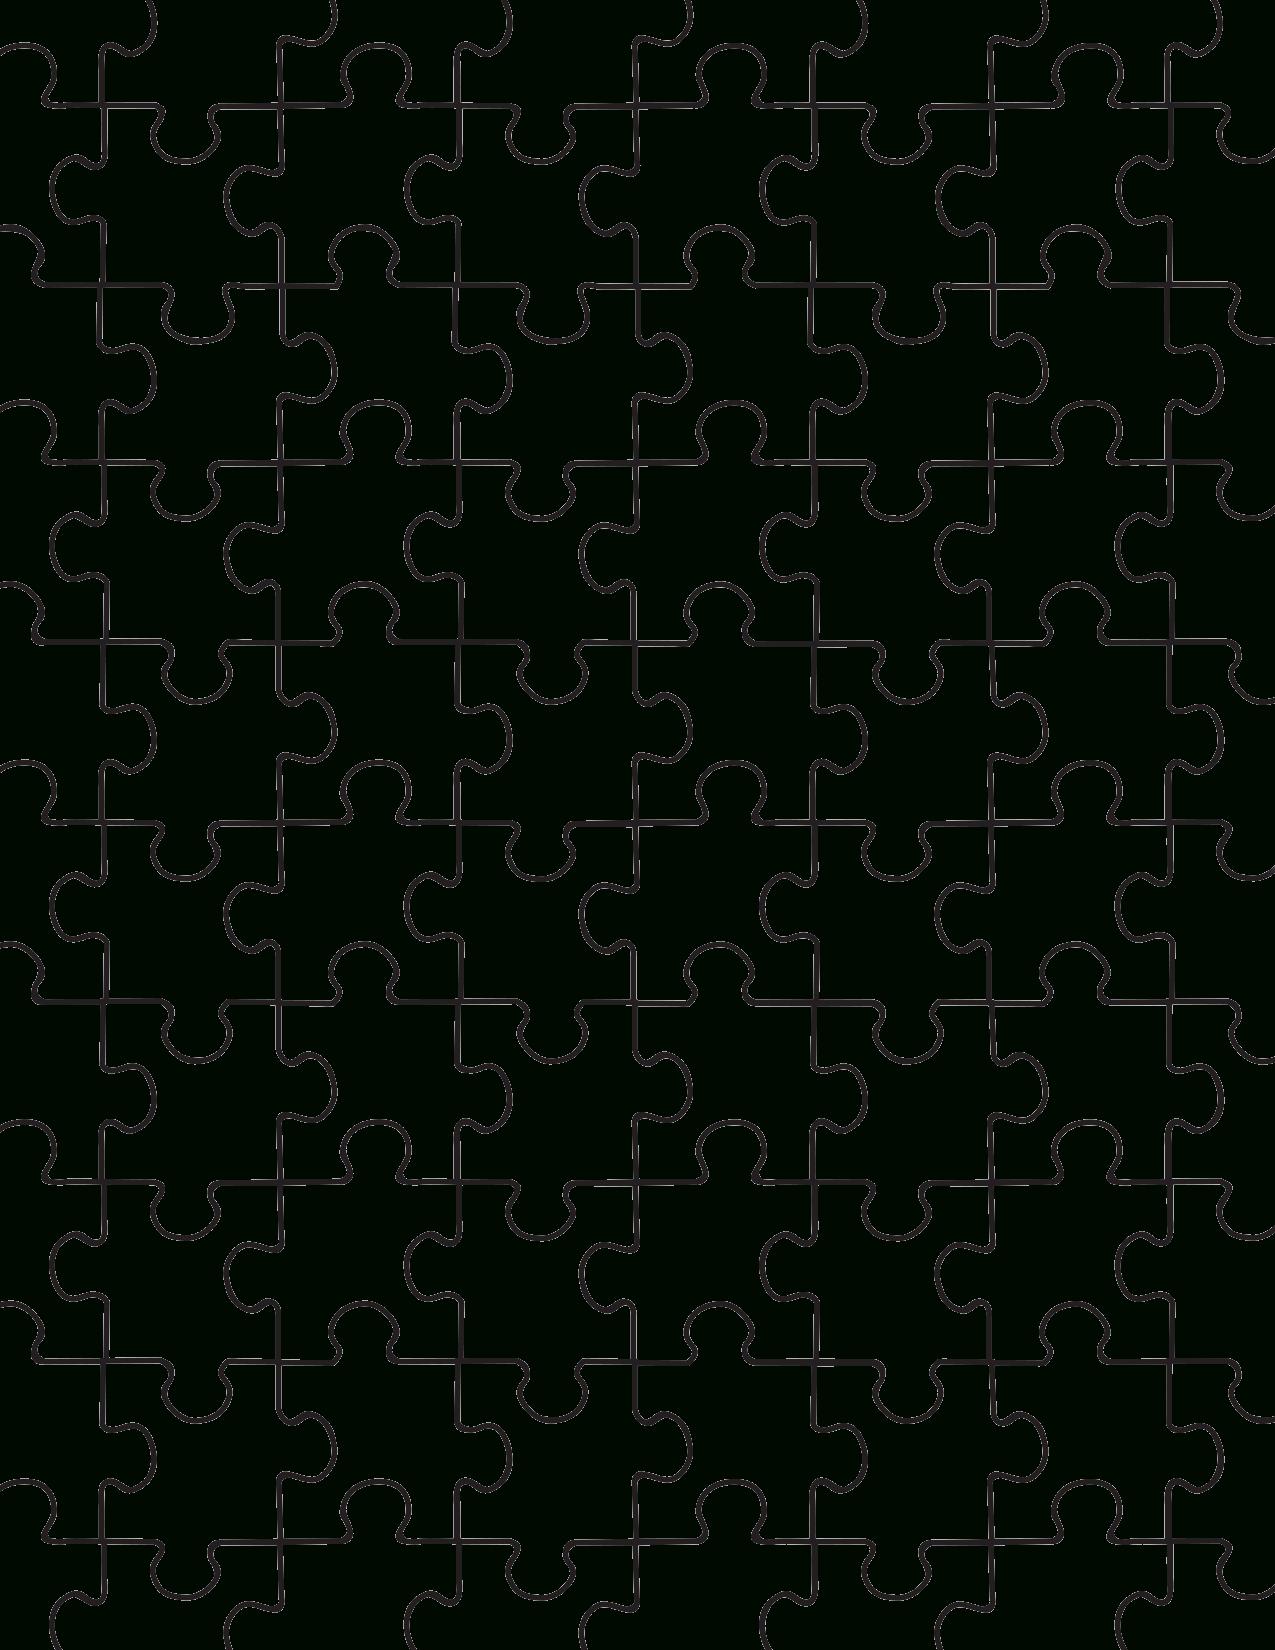 Printable Puzzle Pieces Template   Decor   Puzzle Piece Template - Printable Images Of Puzzle Pieces